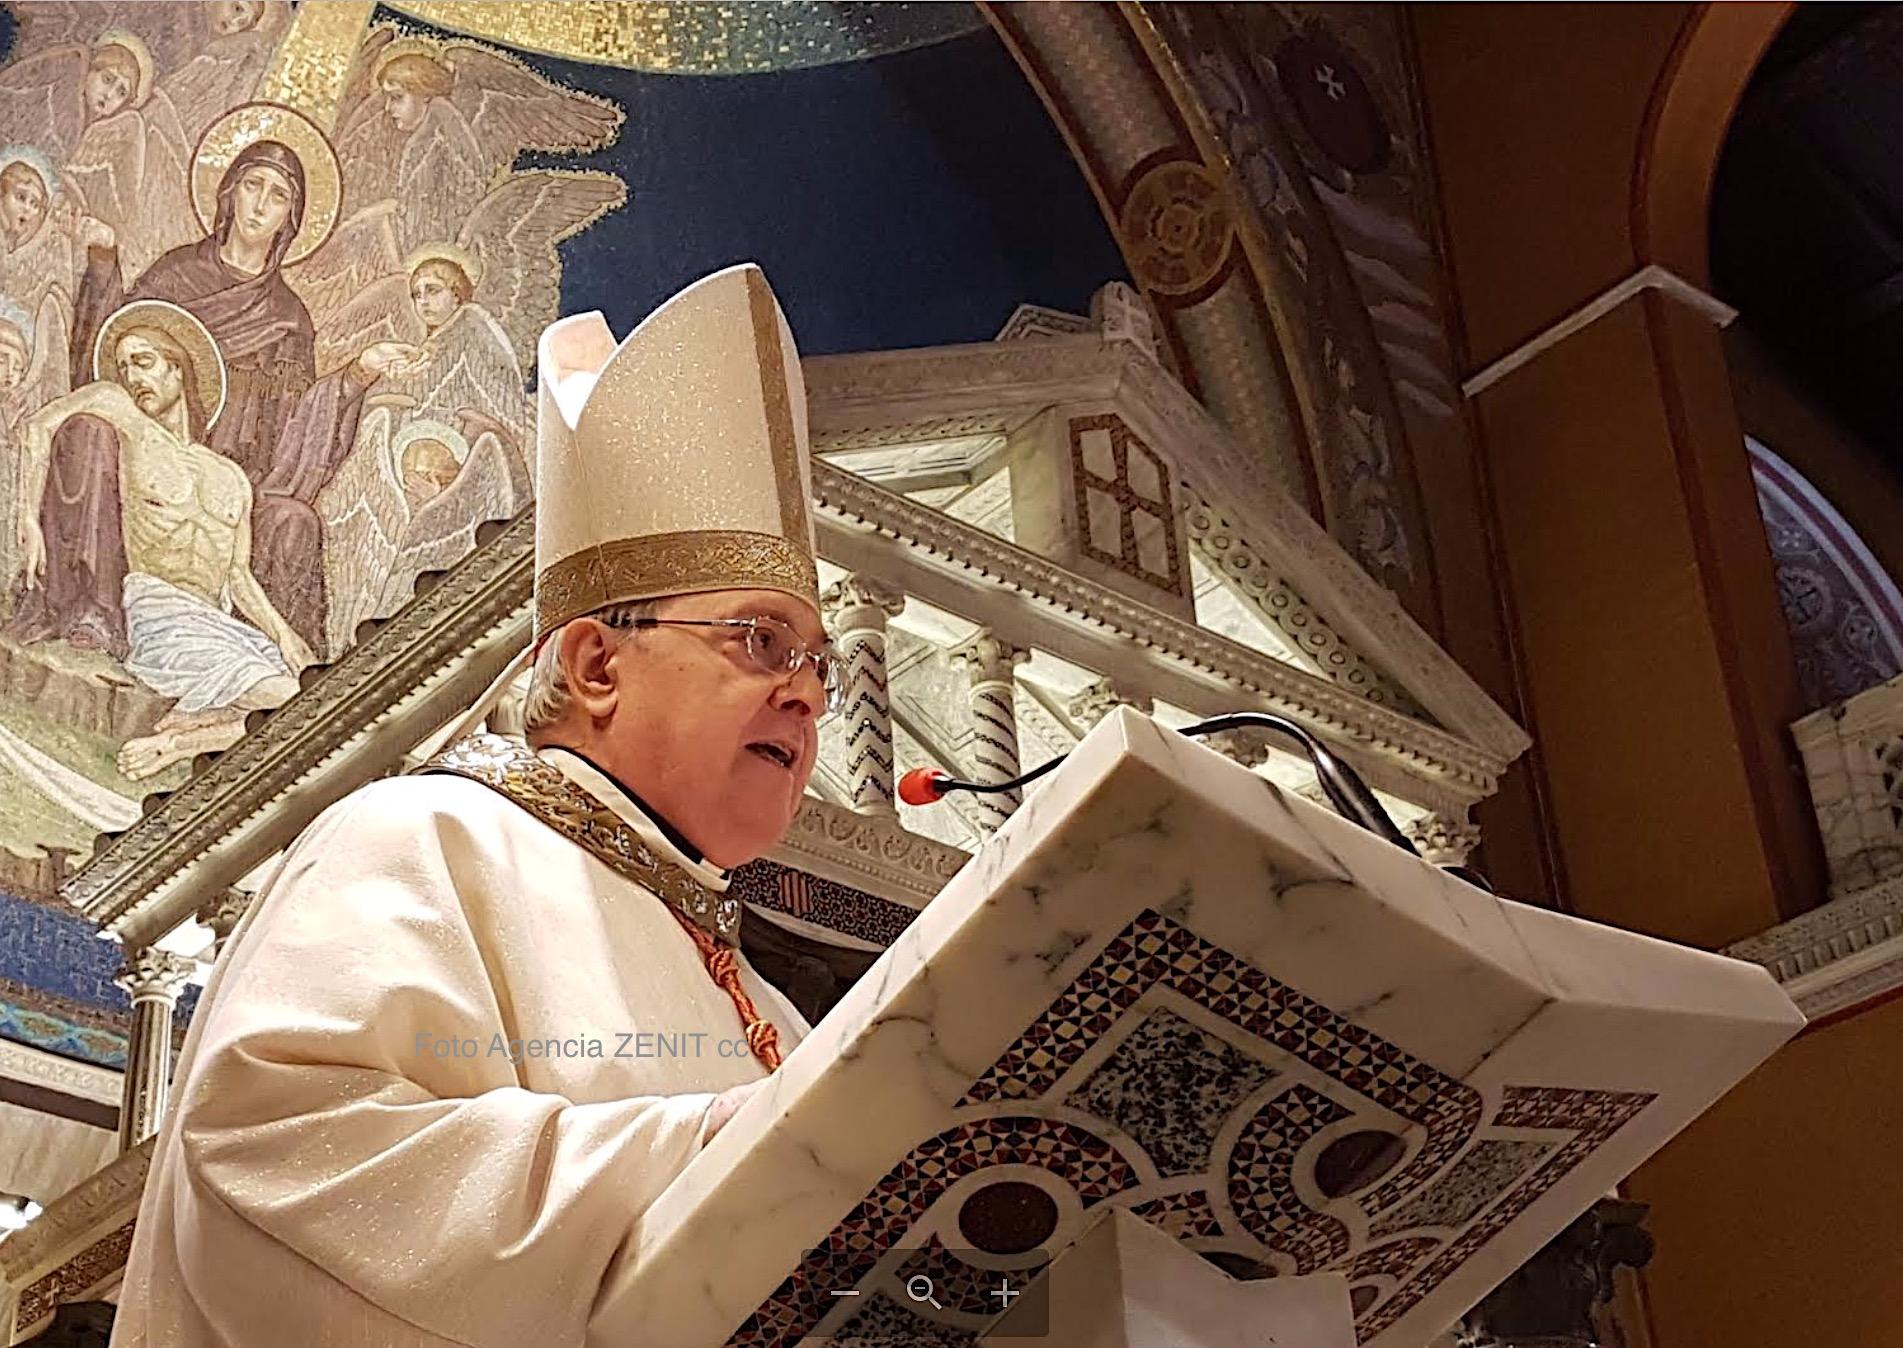 El cardenal Leonardo Sandri durante la homilía en la Iglesia de los argentinos en Roma (Fto. ZENIT cc)